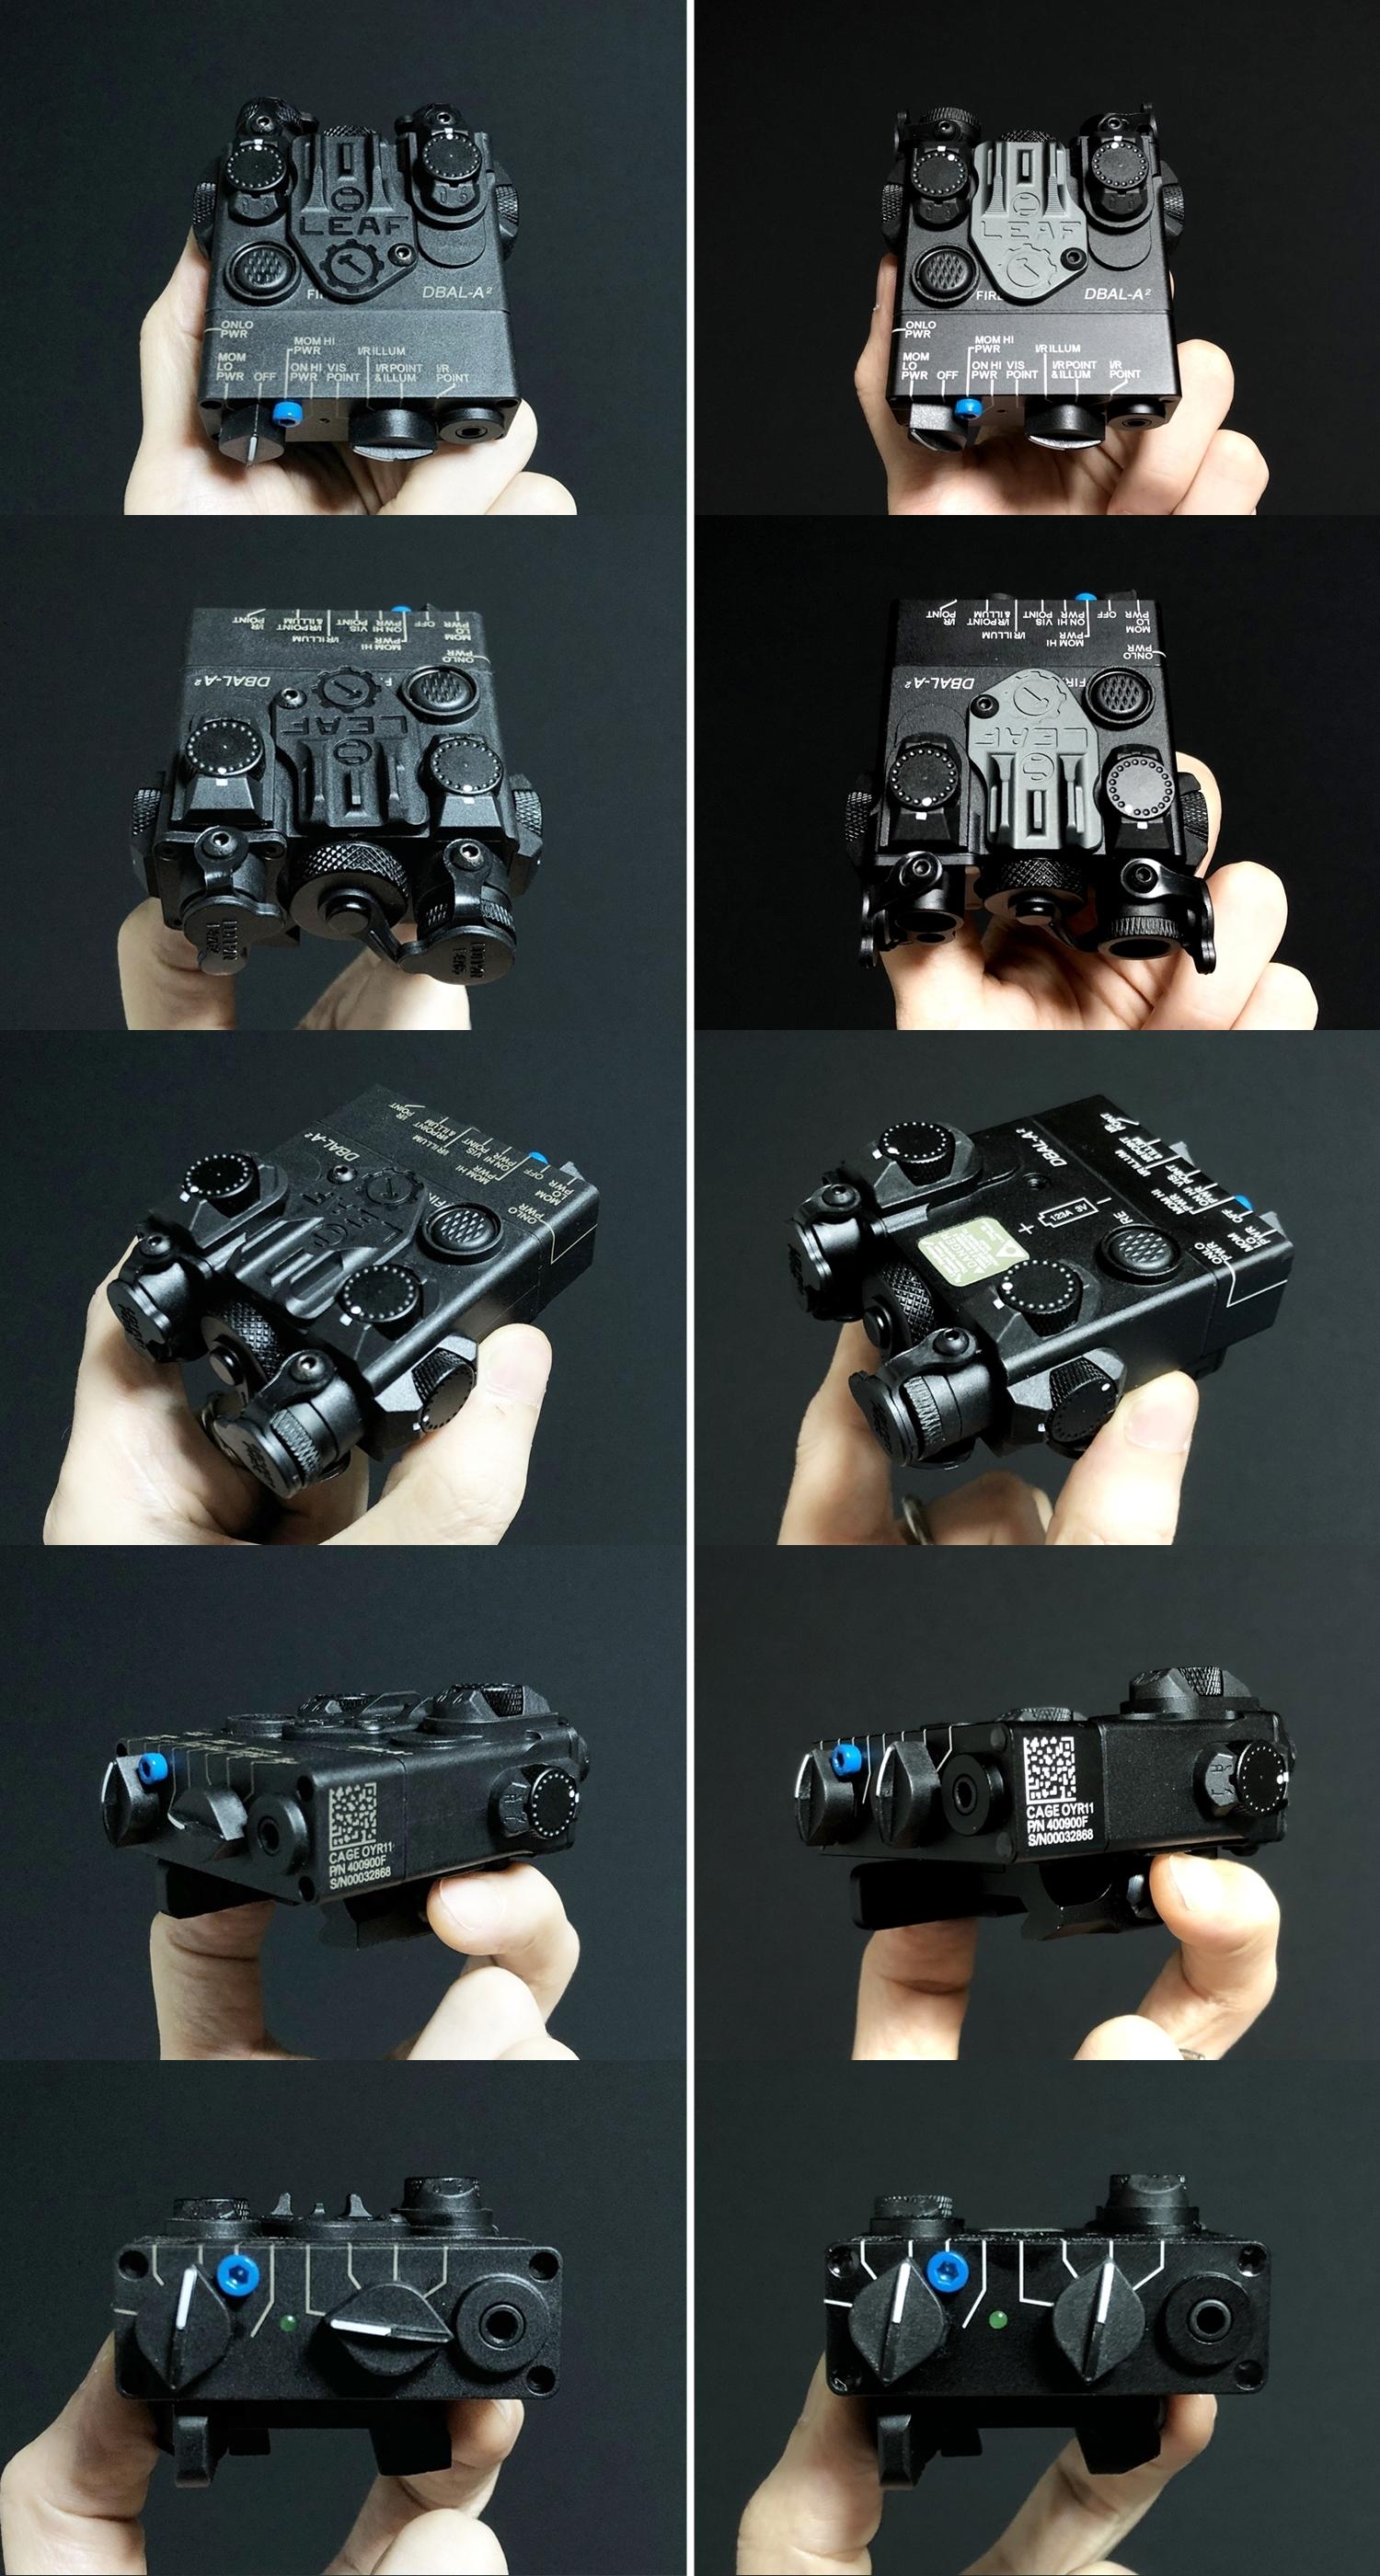 4 SOTAC GEAR DBAL-A2 ANPEQ-15A!! 巷で噂の新製品!!軽量ナイロン製だ!!果たしてLEDライト機能だけなのか! レーザーオミット解除方法!! 購入 検証 比較 解除 取付 レビュー!!